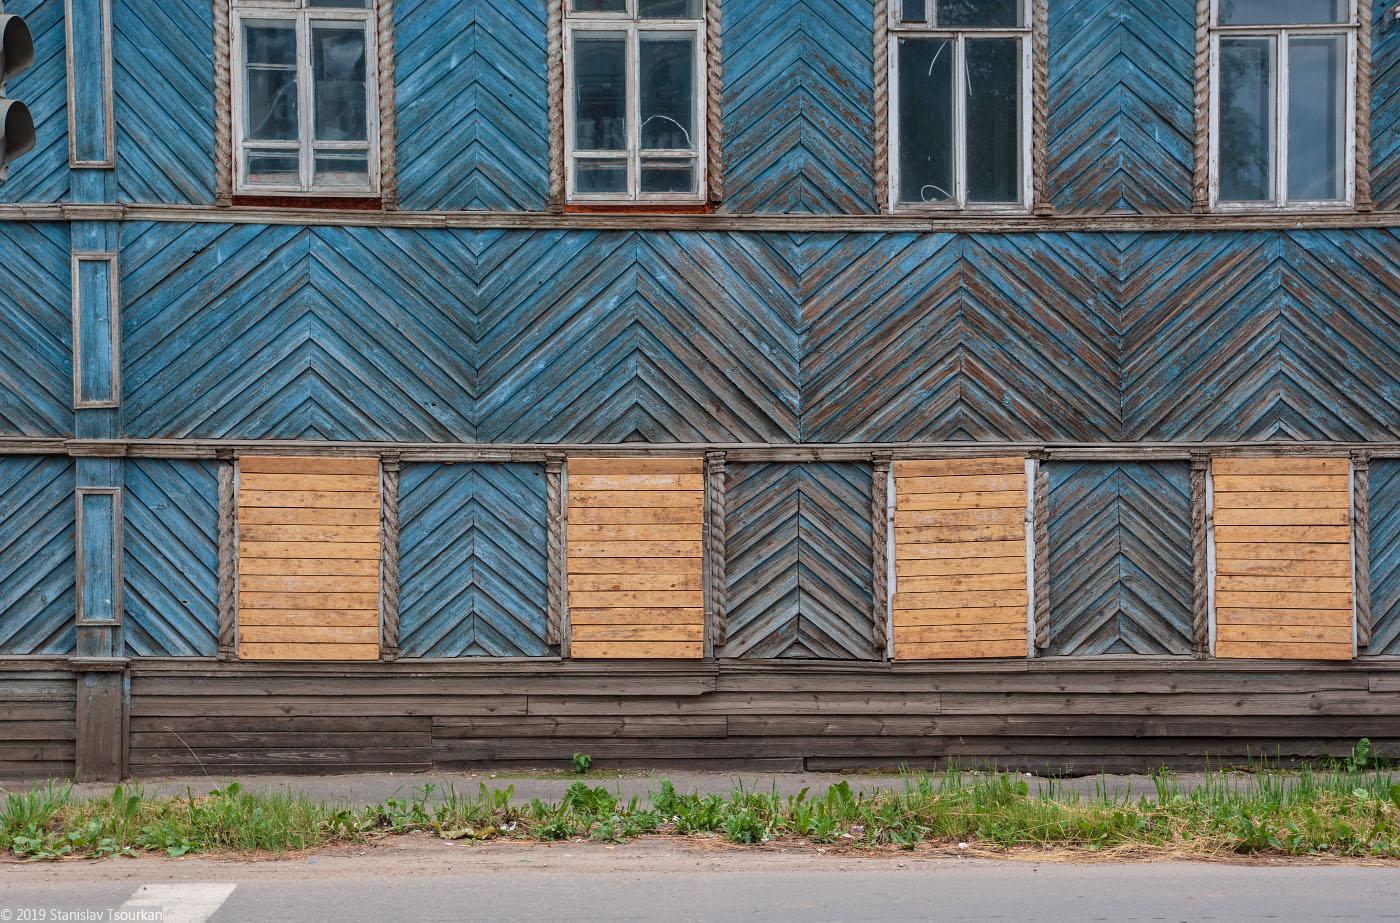 Вологодская область, Вологодчина, Великий устюг, Русский север, Красная улица, заколоченные окна